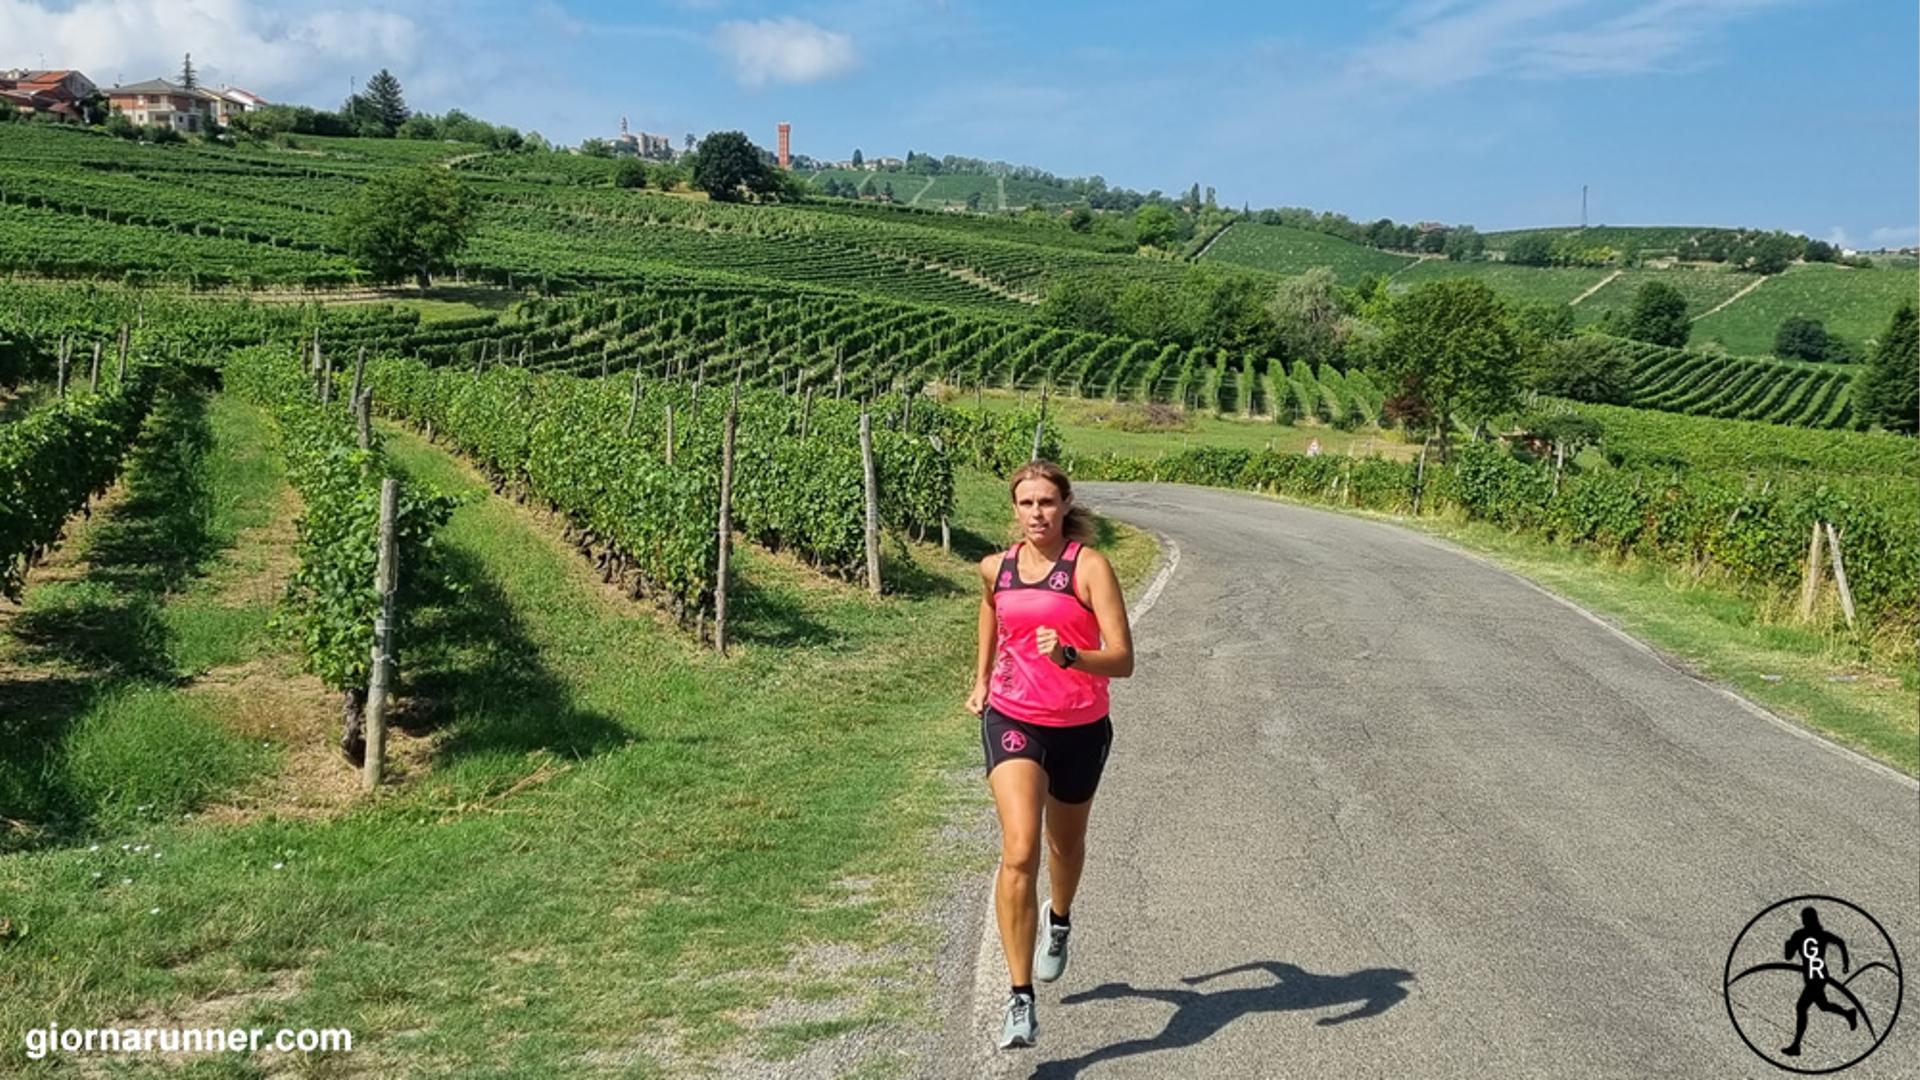 Giornarunner: Sentiero Essenze Conoscenze a Calosso, immersi tra i paesaggi vitivinicoli